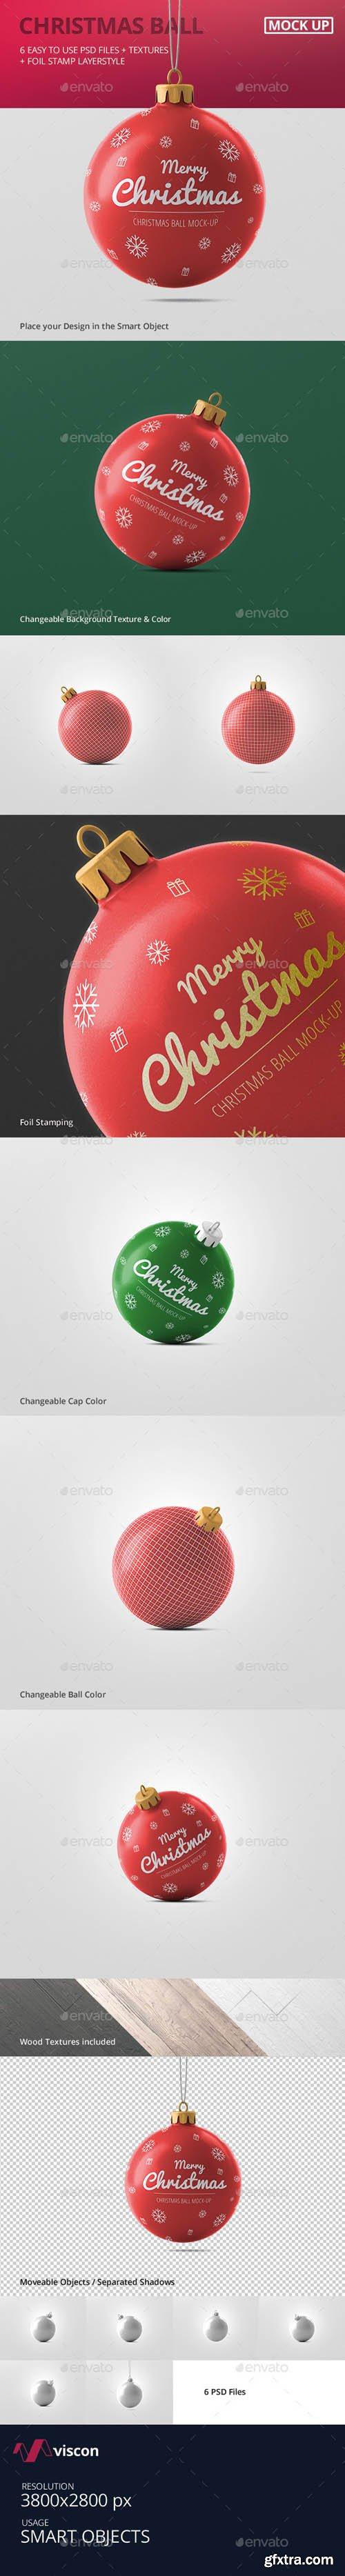 Graphicriver - Christmas Ball Mockup 18739118